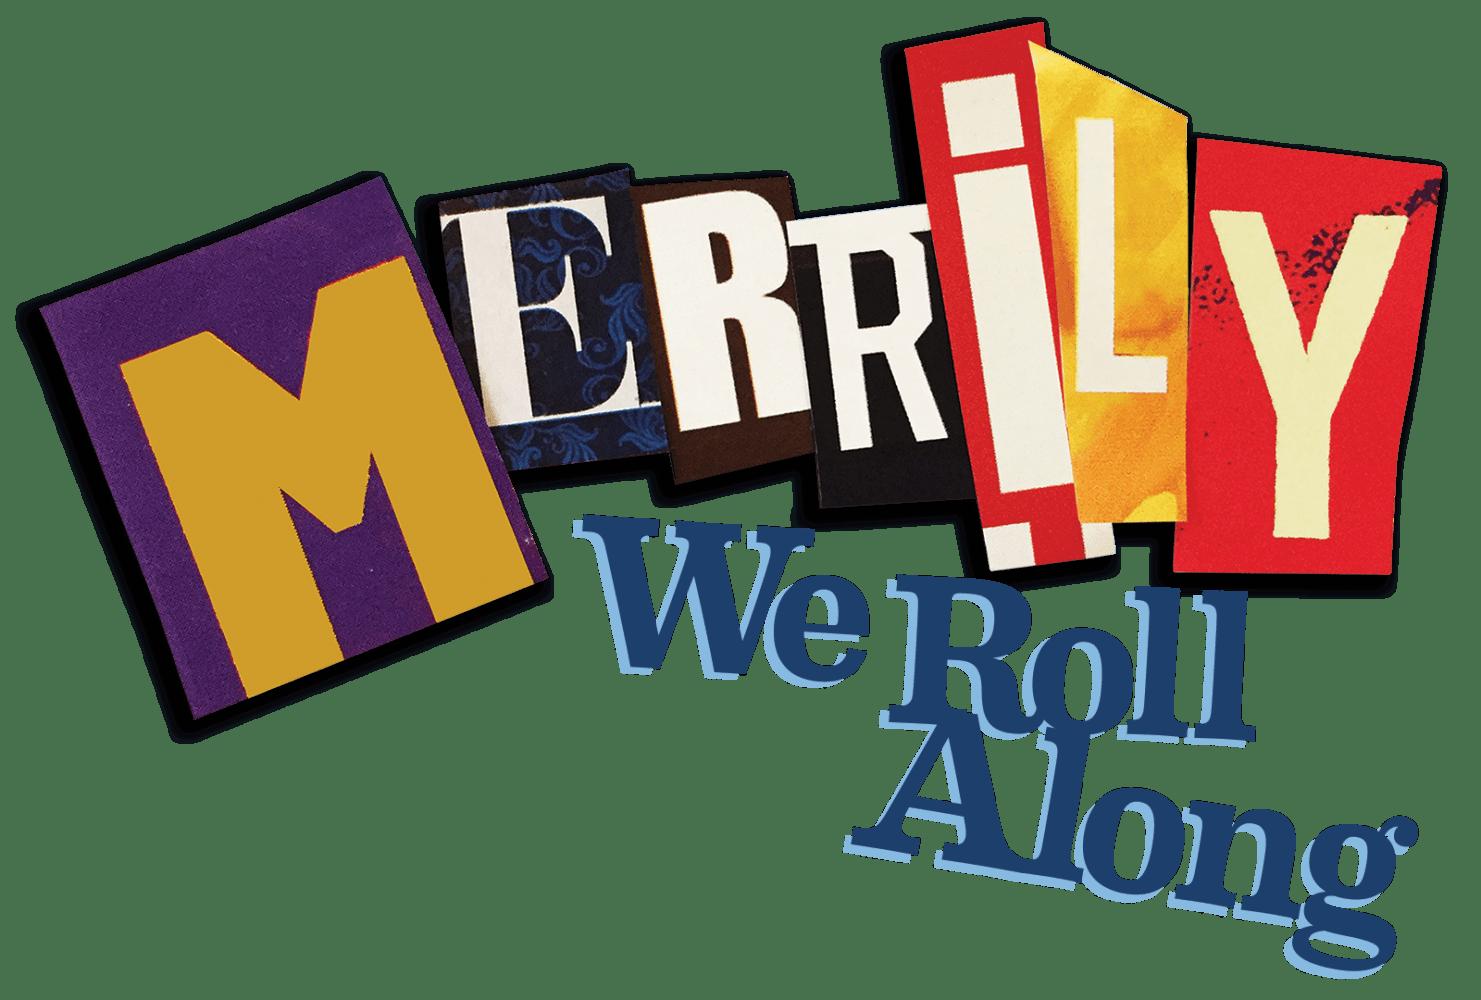 Artwork for Merrily We Roll Along